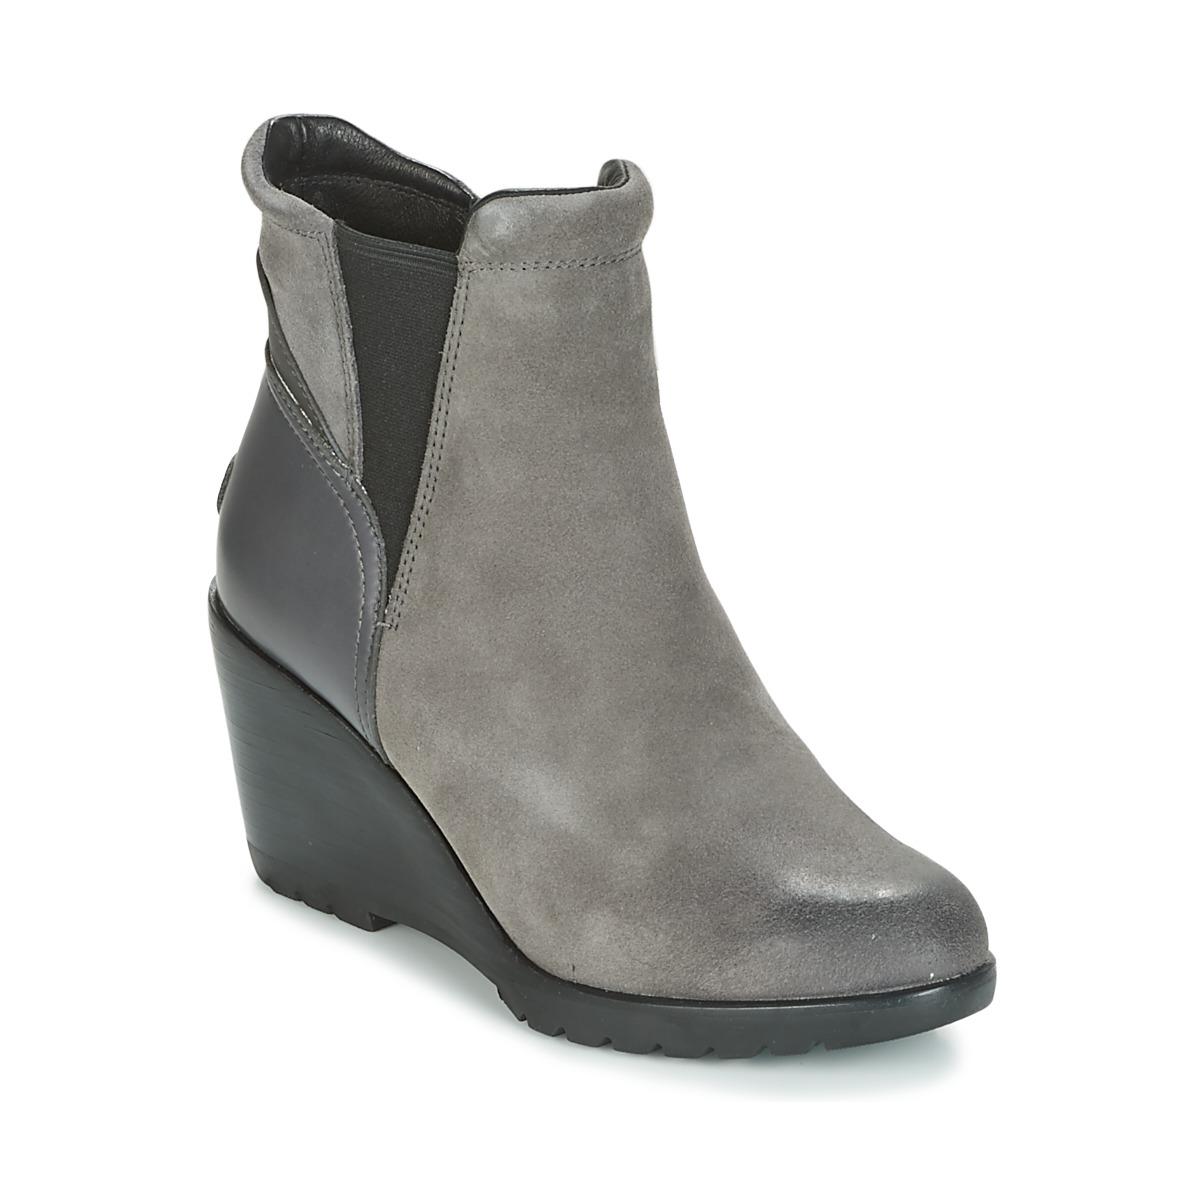 36ef2d94d Sorel After Hours Chelsea Grau - Kostenloser Versand bei Spartoode ! -  Schuhe Low Boots Damen